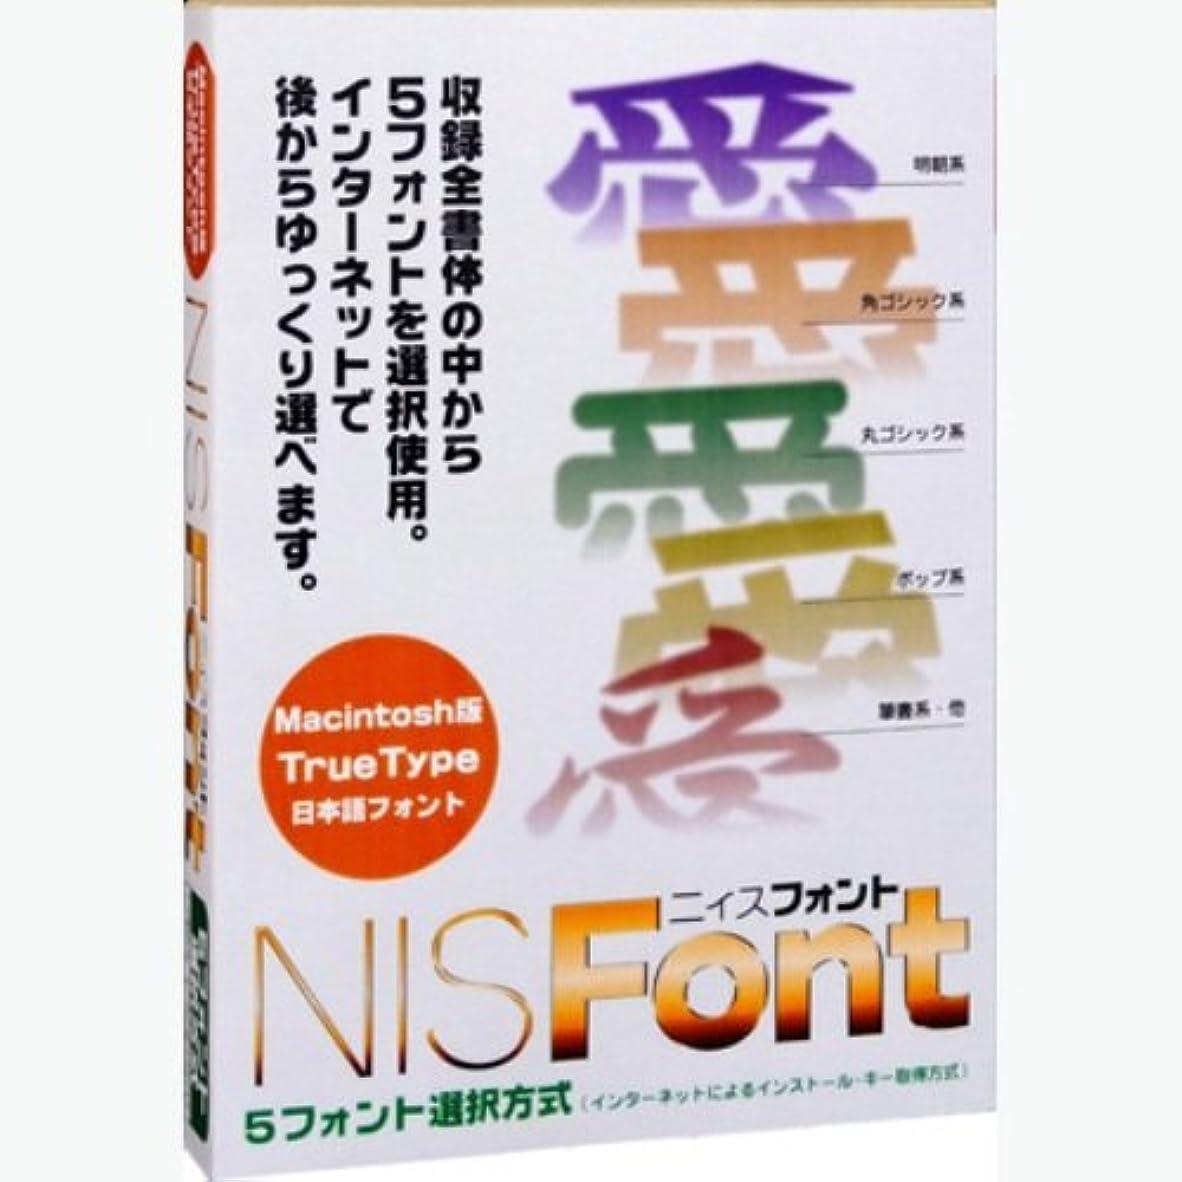 デュアル促すかき混ぜるNIS Font Macintosh版 TrueType Font(5フォント選択版)